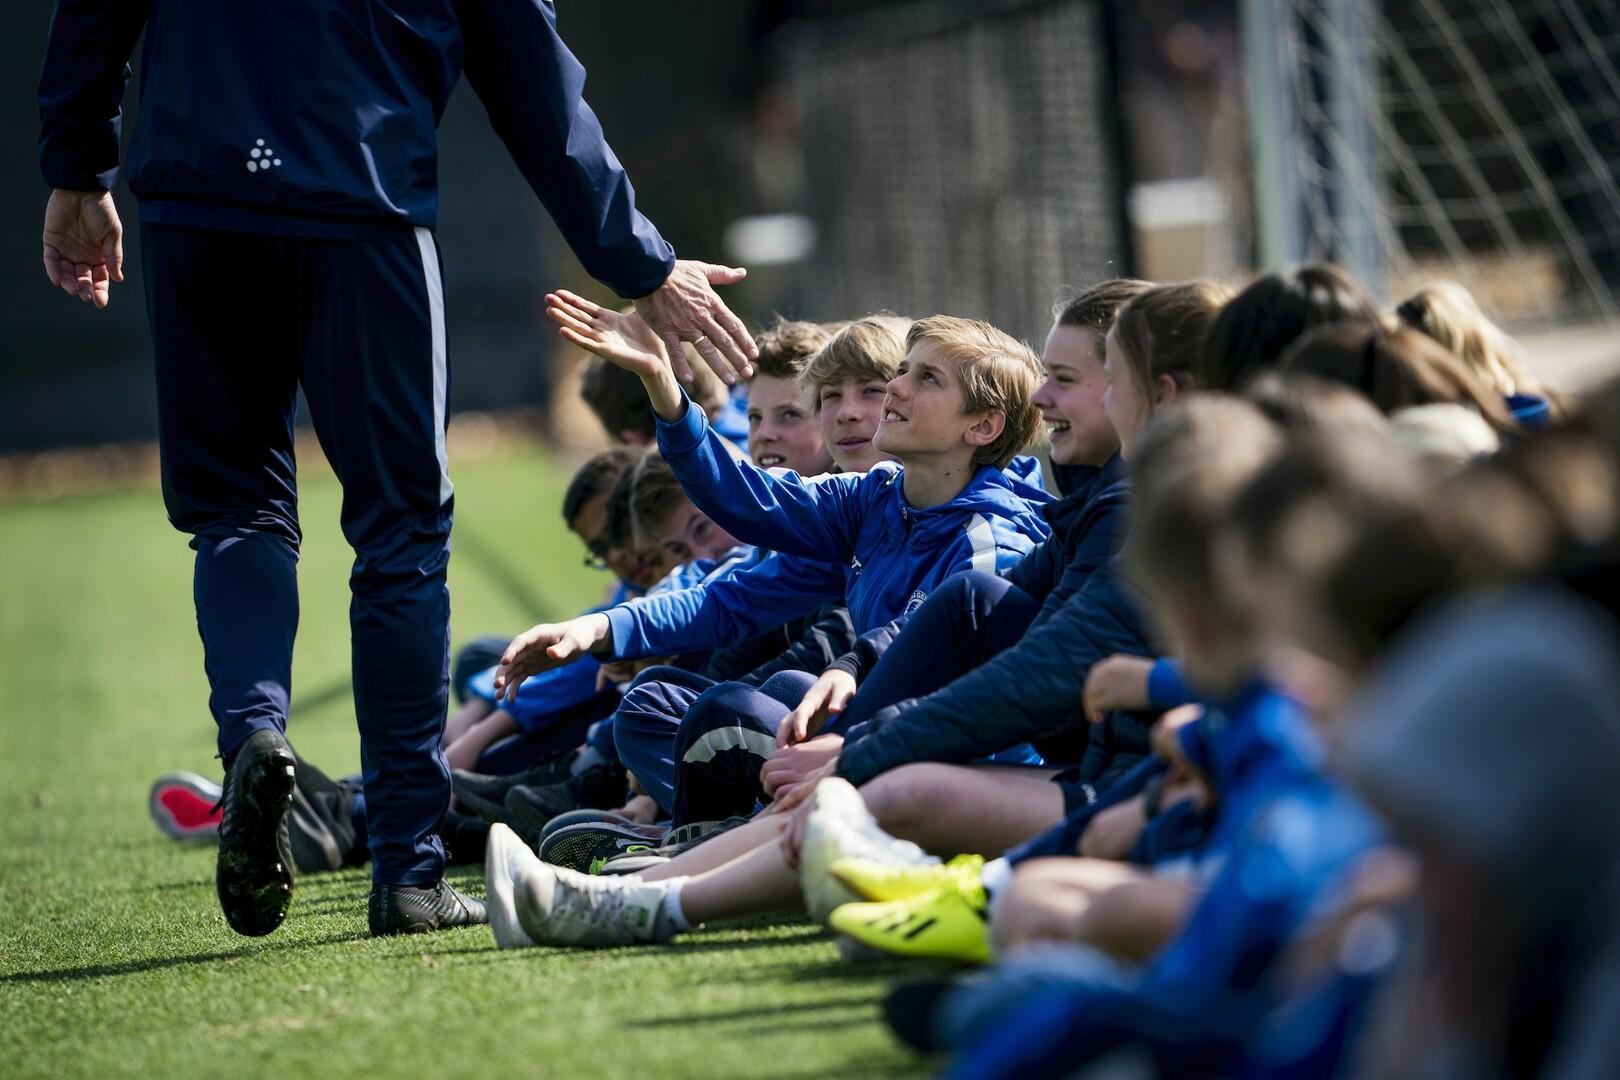 KAA Gent & Soccerlab